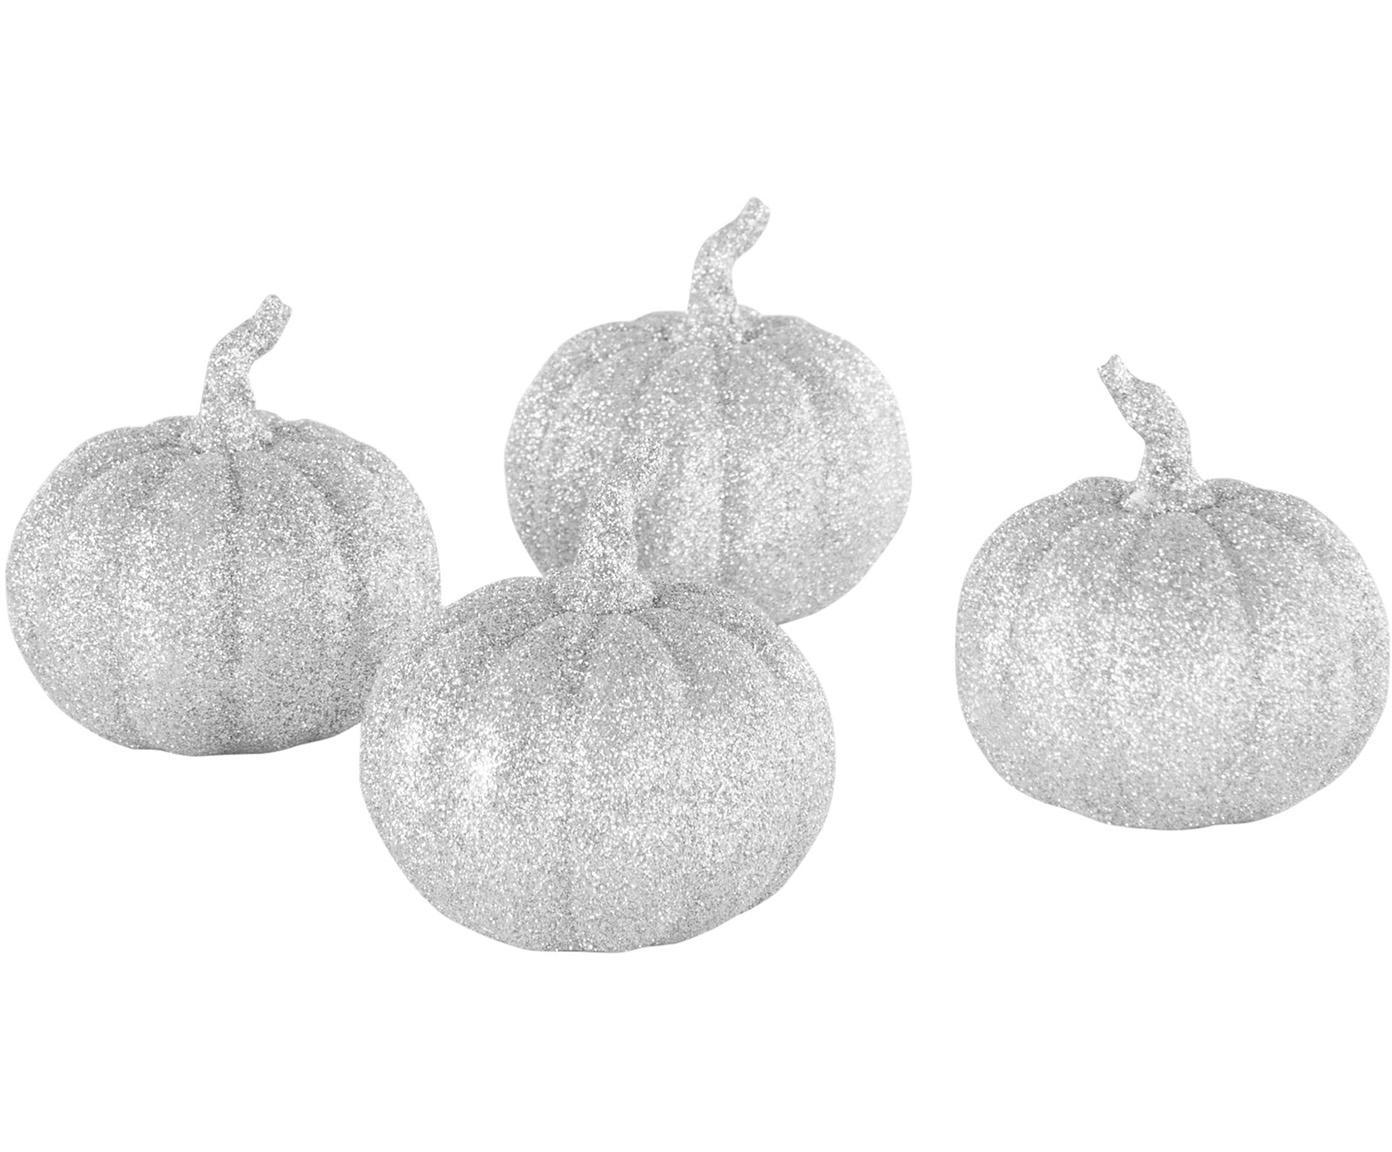 Dekoracyjna dynia Dixie, 4 sztuki, Poliresing, Odcienie srebrnego, Ø 9 x W 9 cm